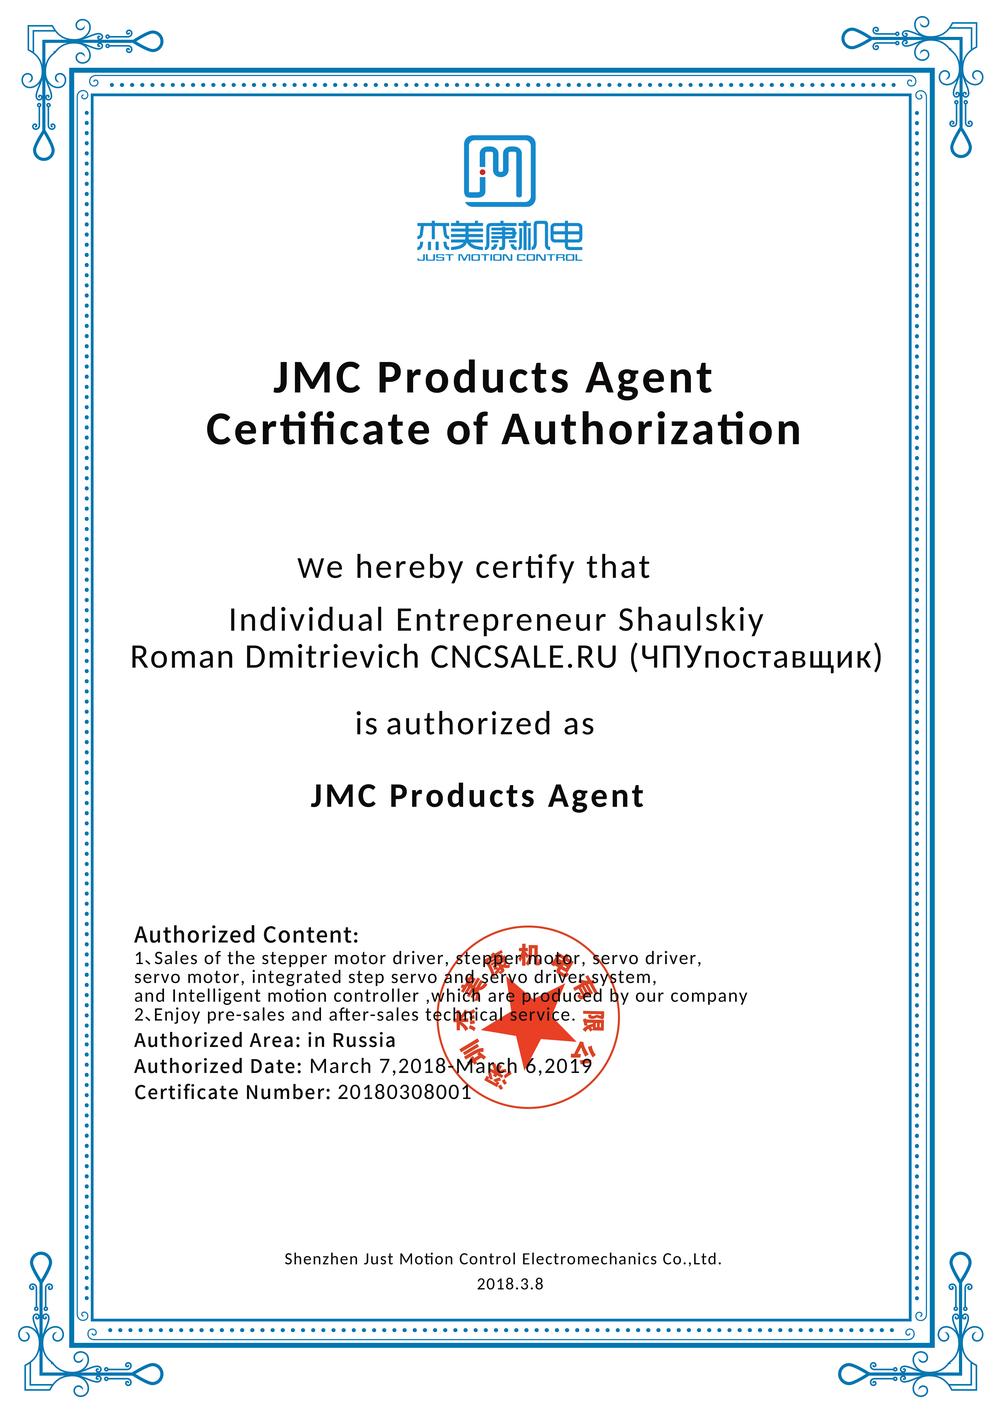 Сертификат JMC